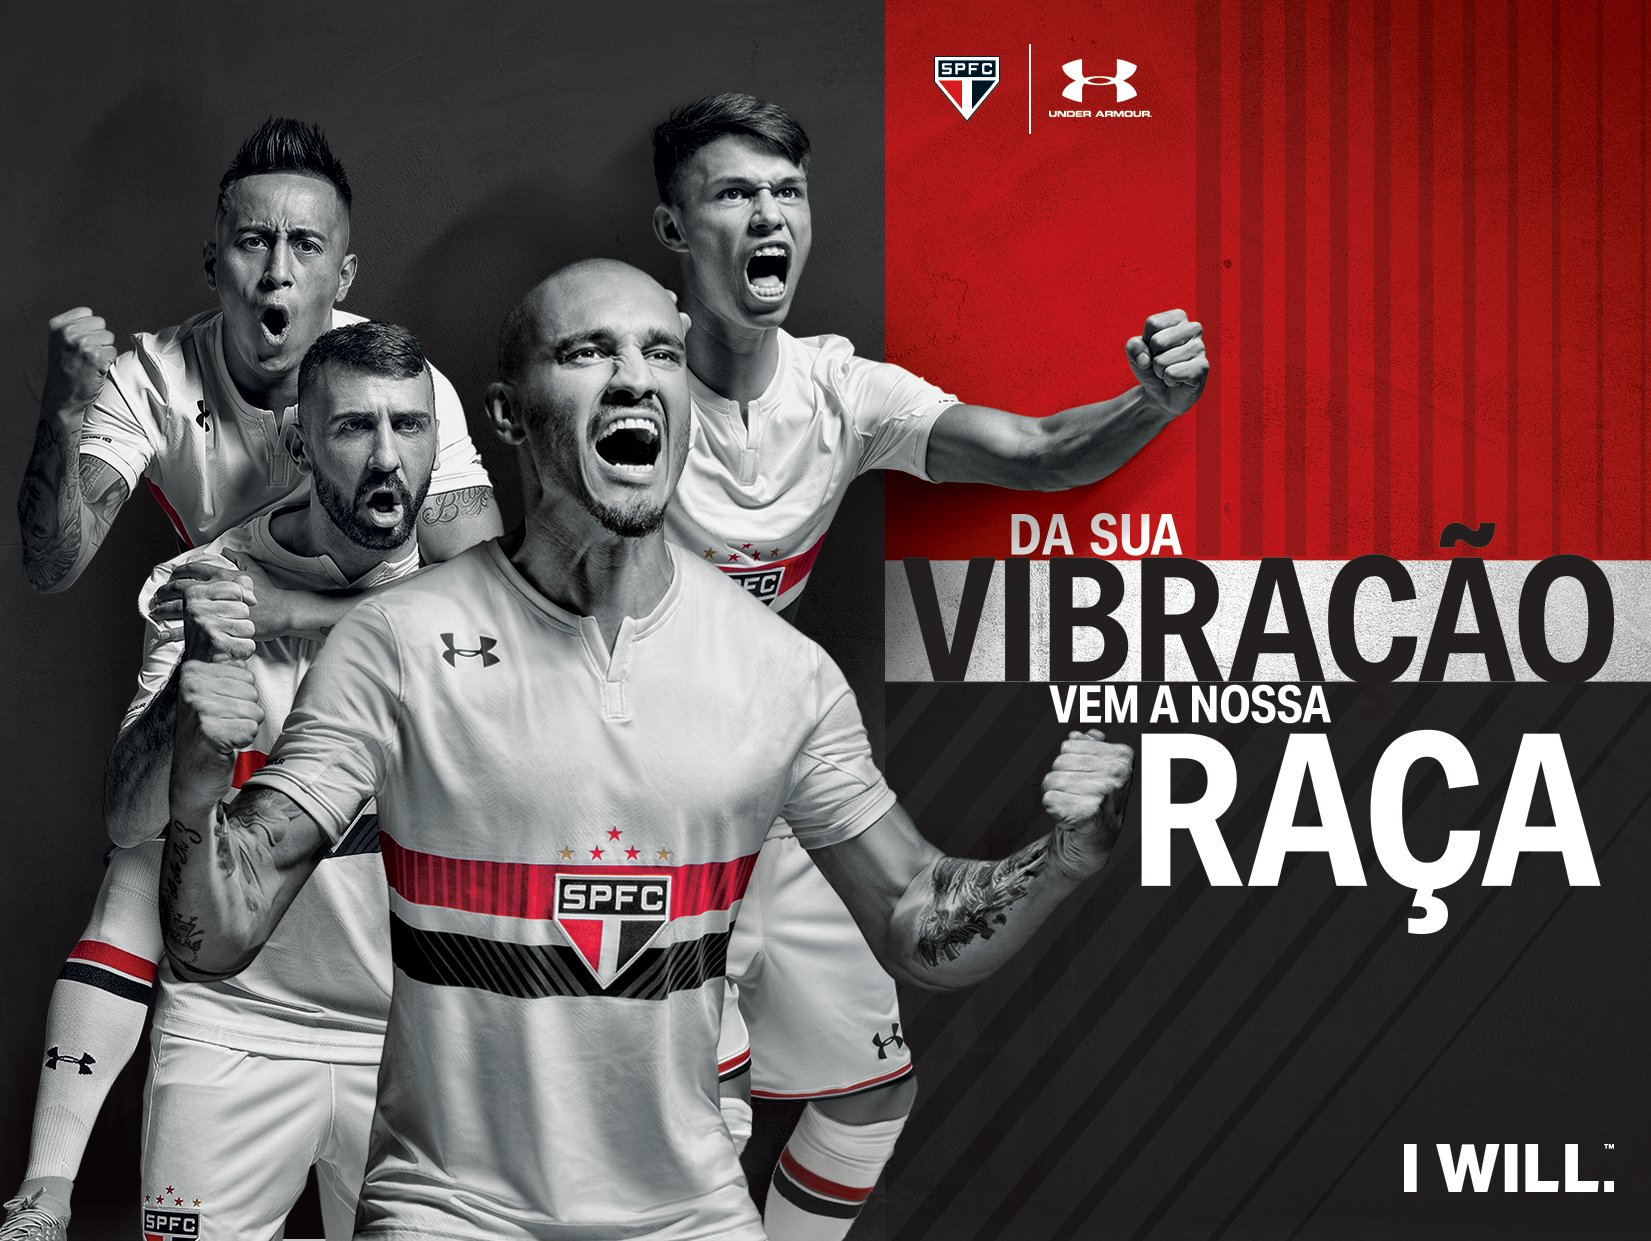 Nueva camiseta titular del São Paulo | Foto Under Armour